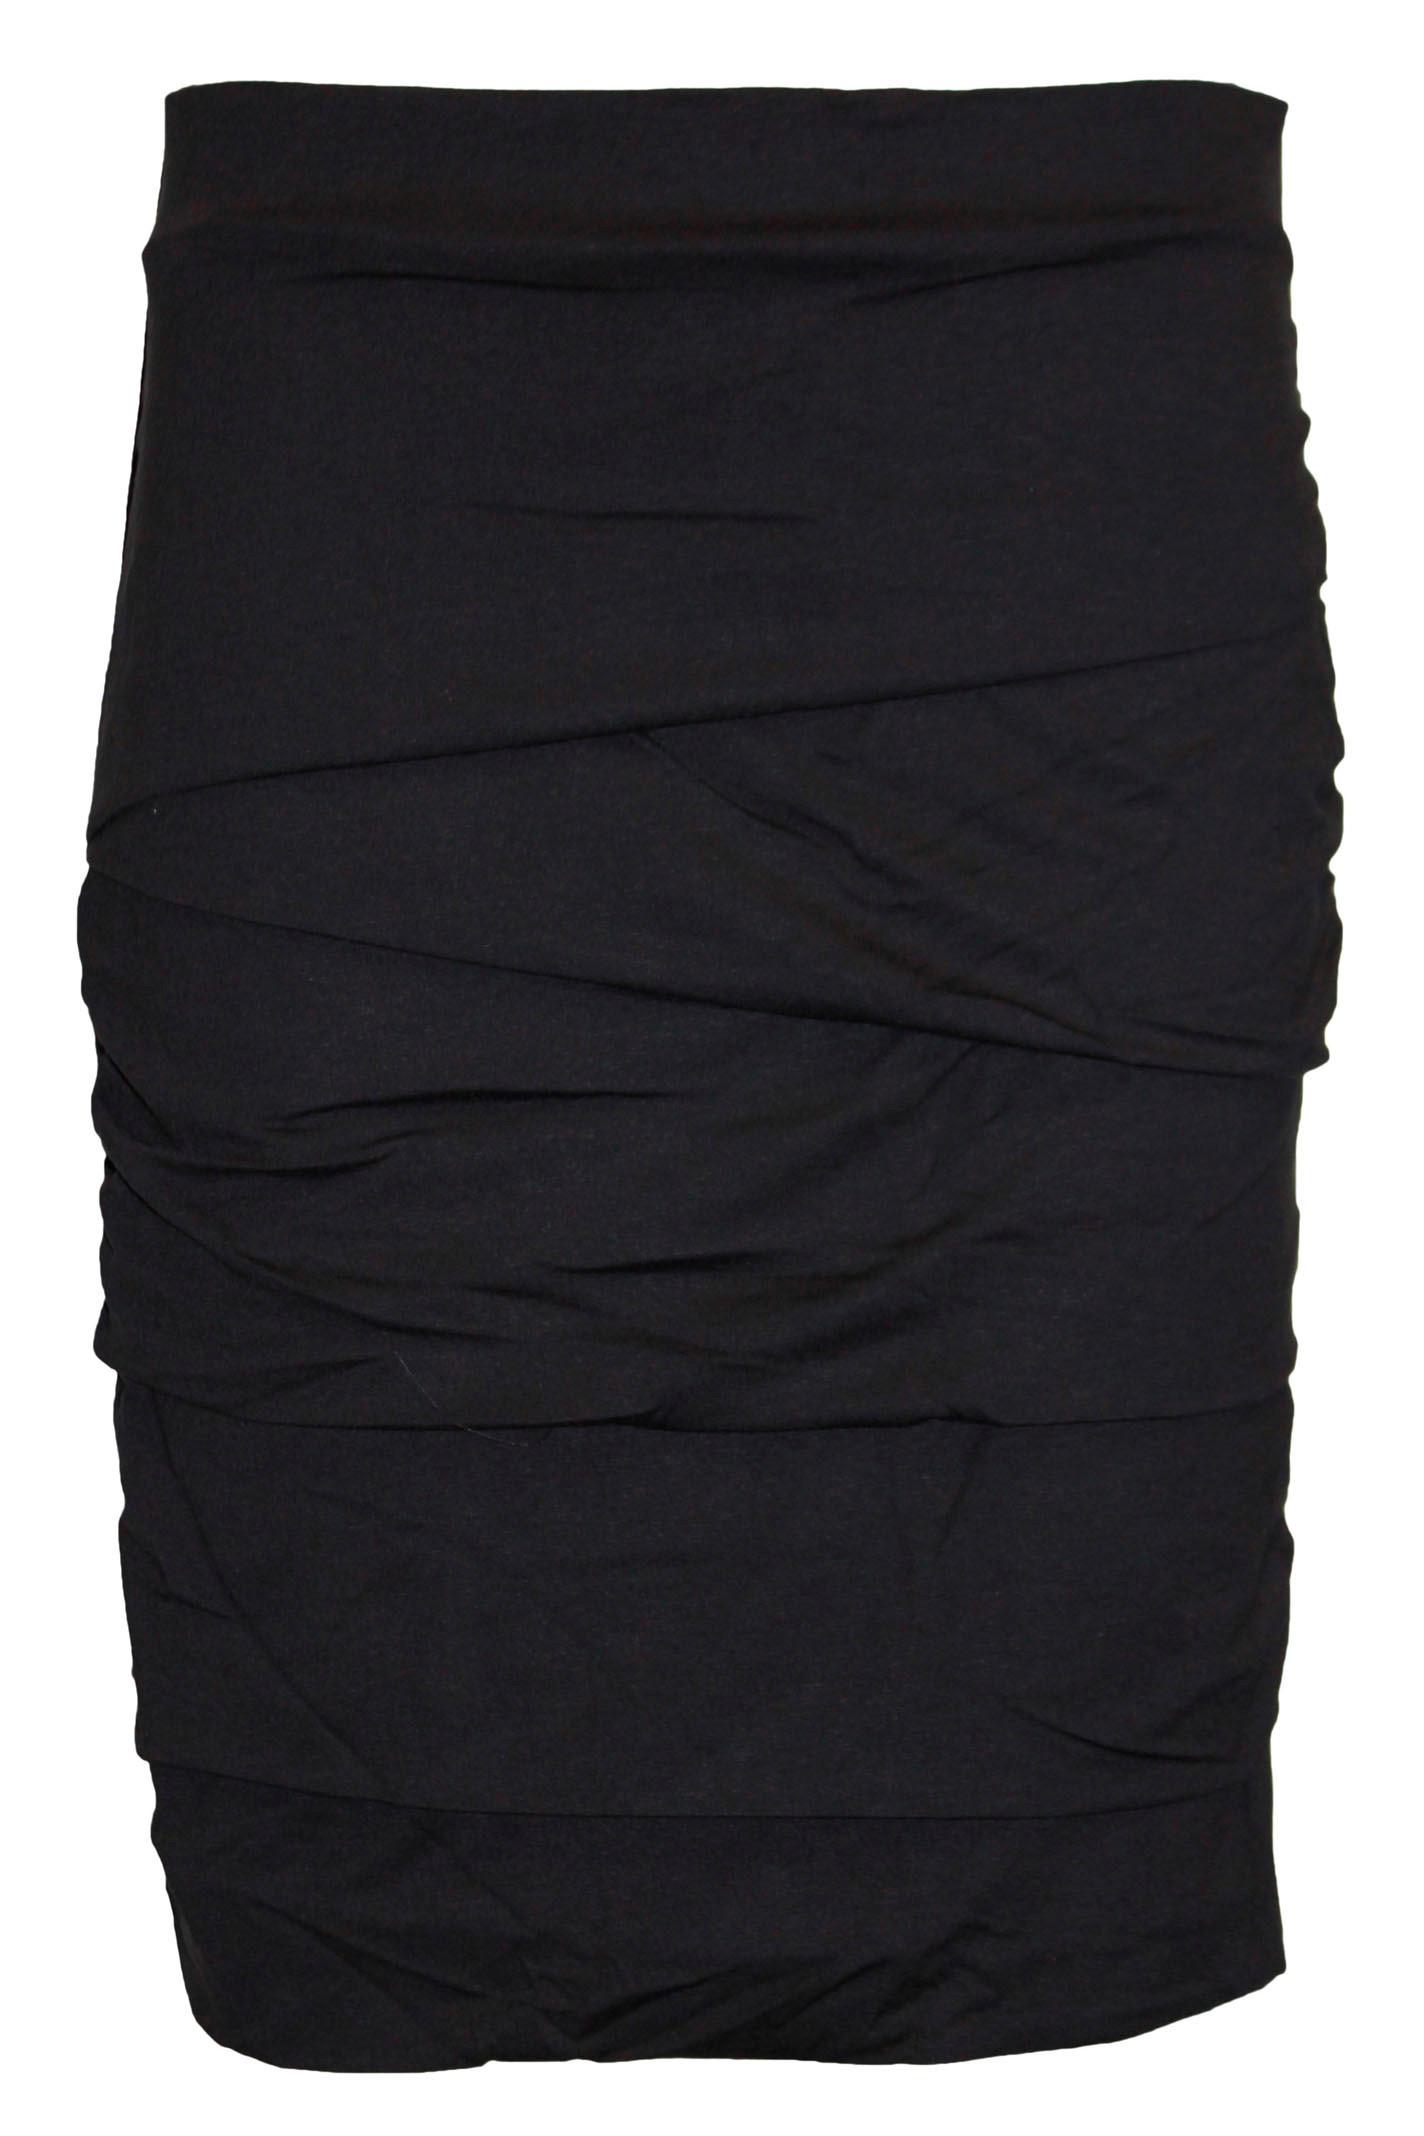 2-BIZ DOMINIC Black